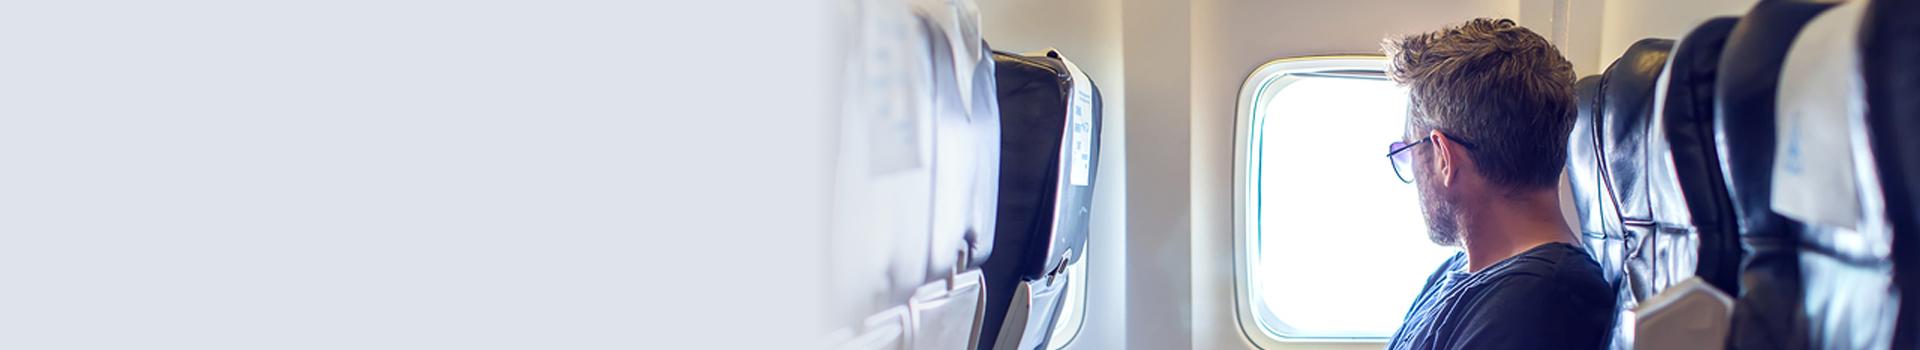 פחד טיסה, טיסה במטוסי נוסעים היא מאד בטוחה